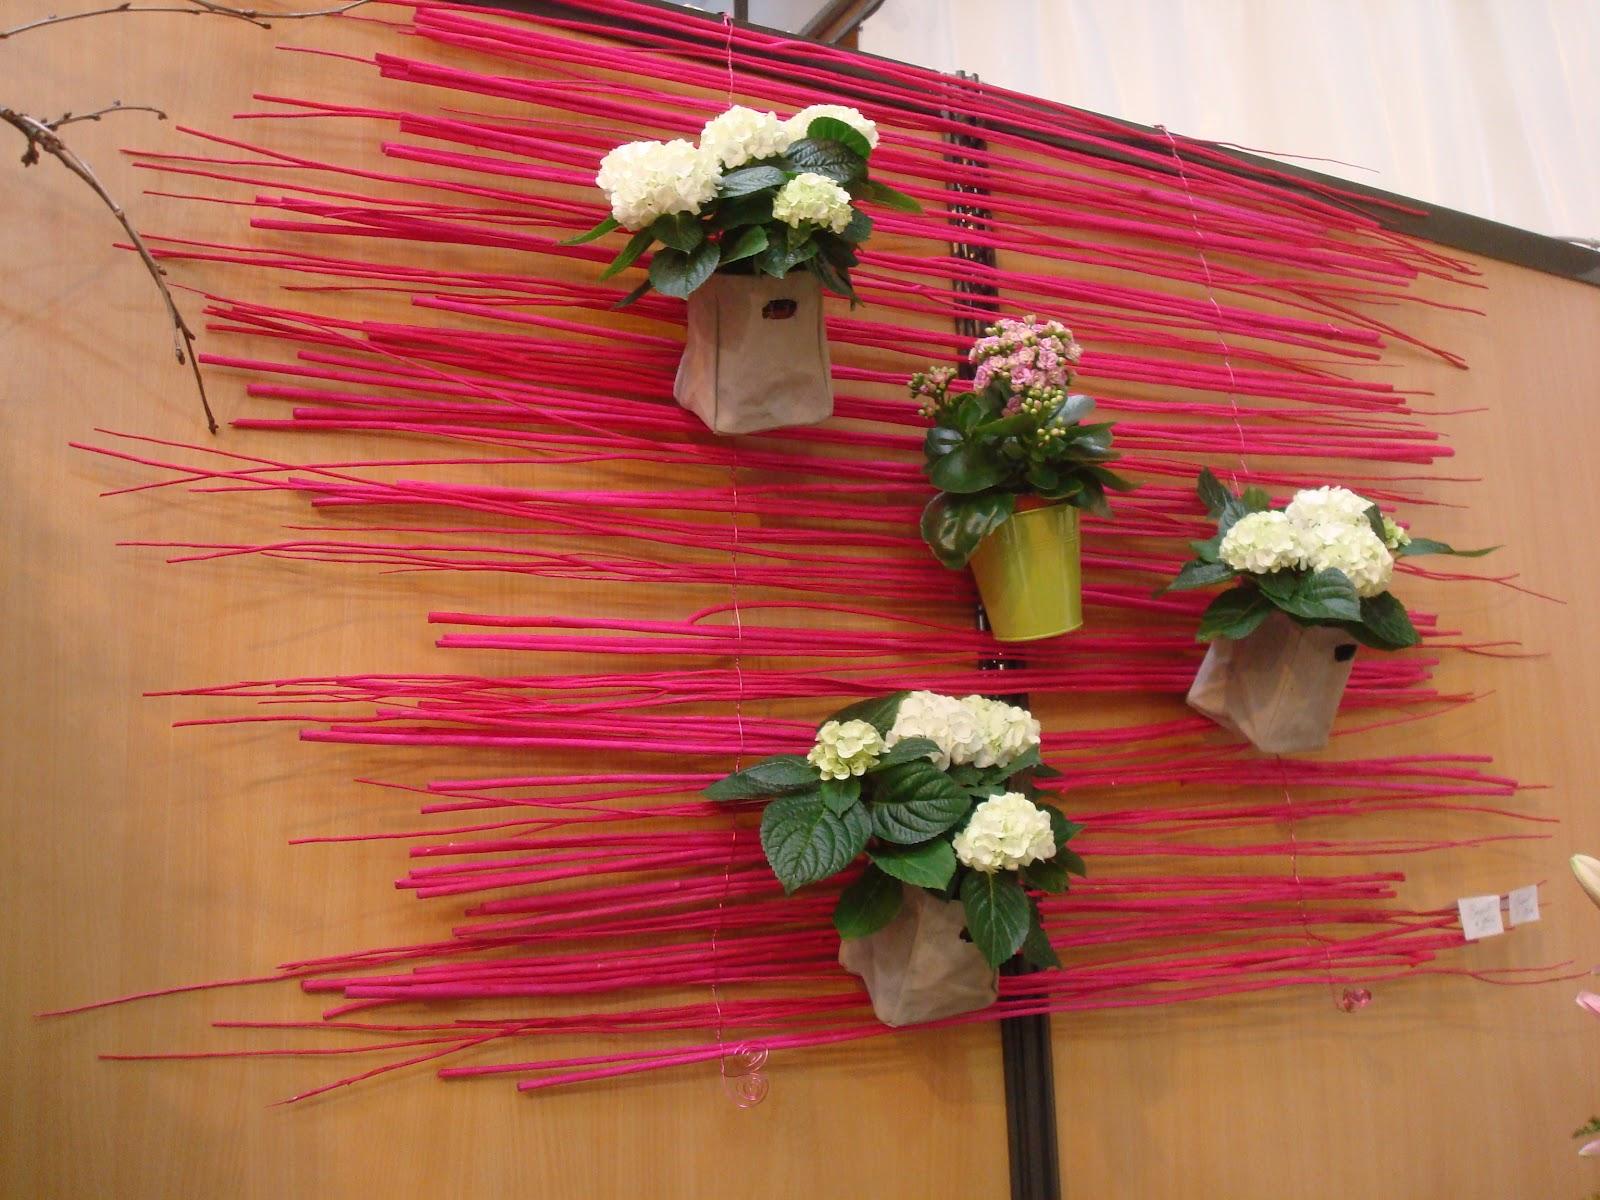 Fleuriste isabelle feuvrier structures d coratives murales - Toiles decoratives murales ...